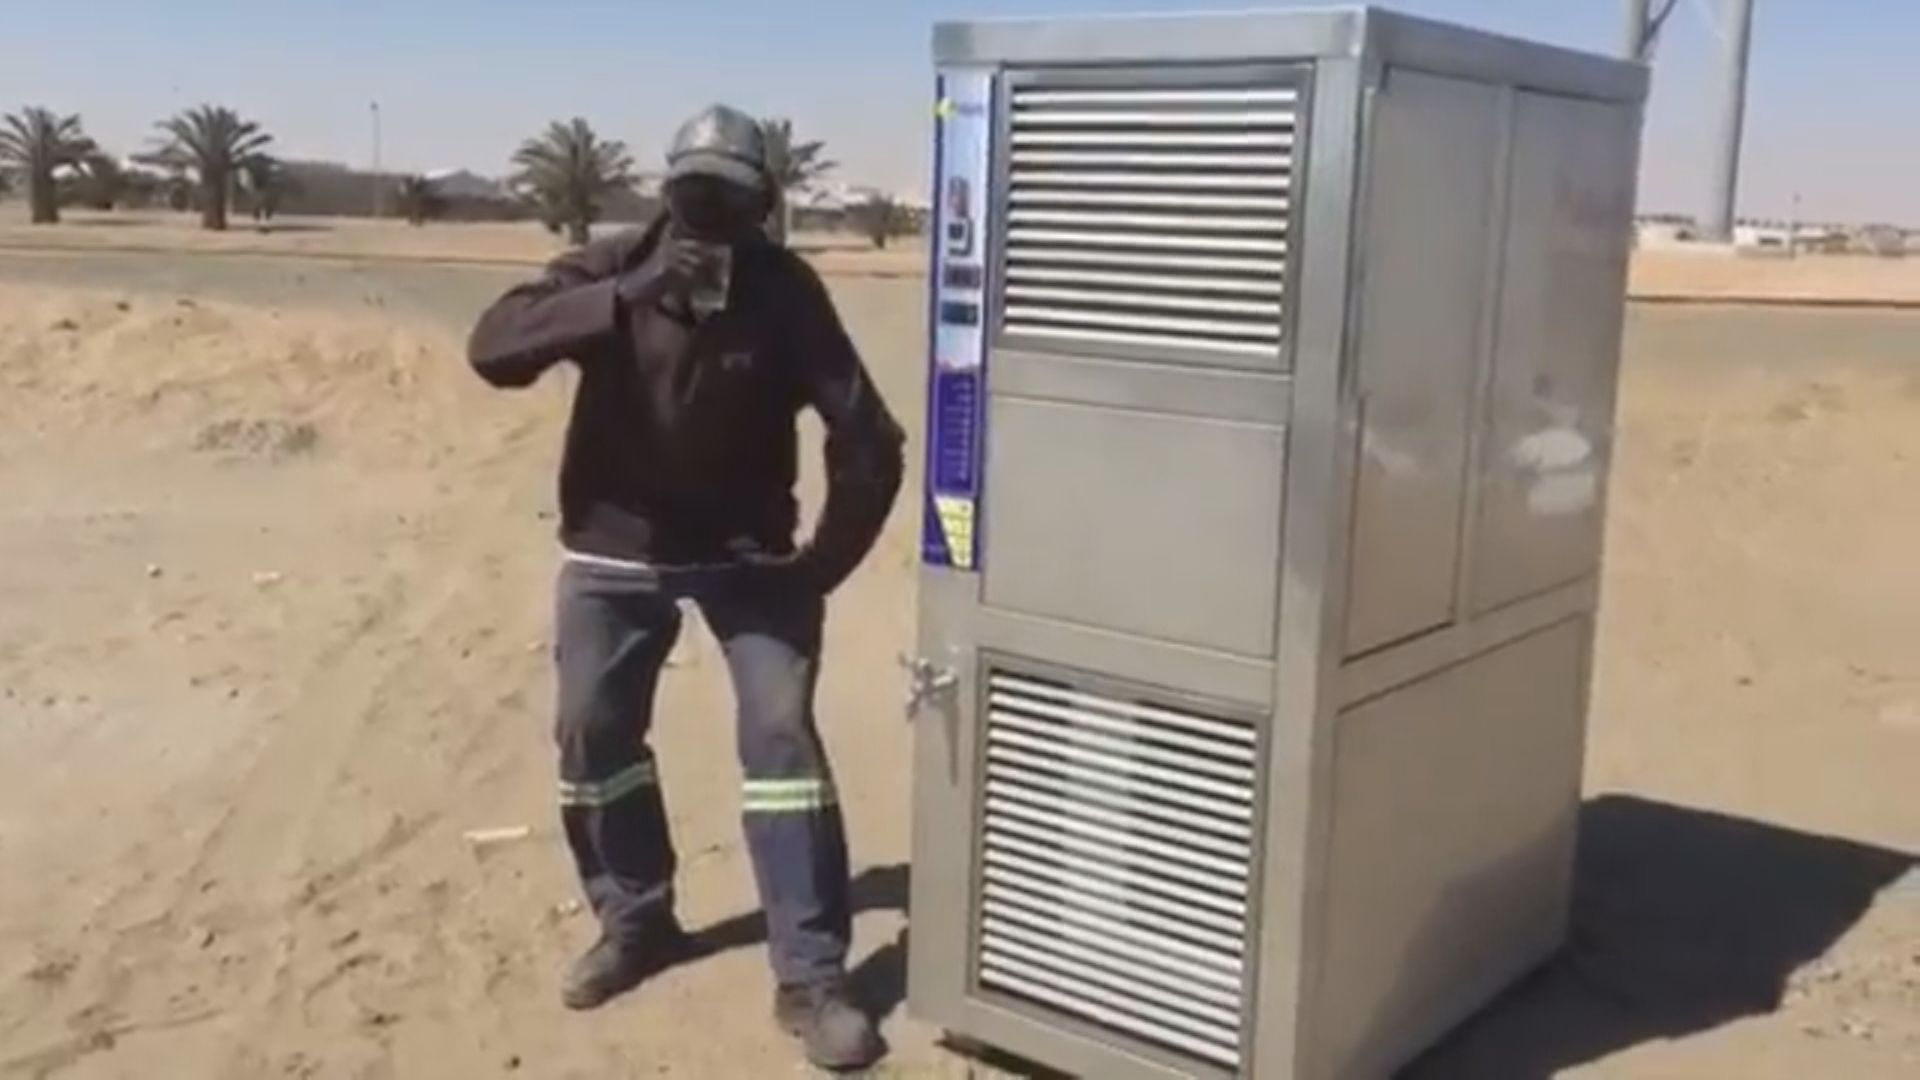 【環球薈報】克服乾燥環境 西班牙造水裝置日造5000公升食水